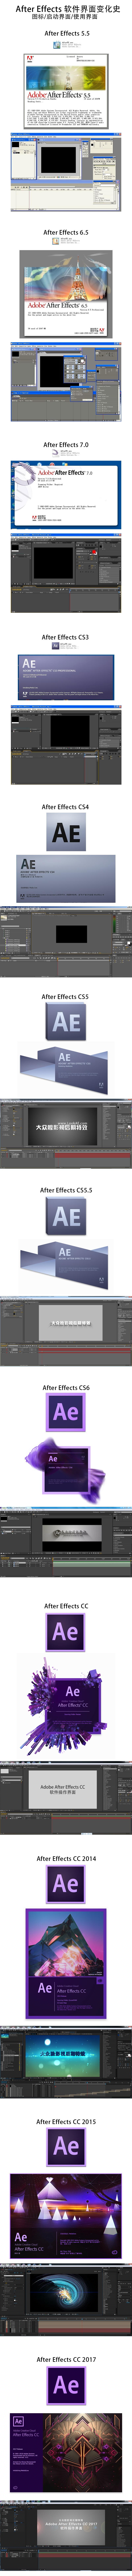 AE發展d.jpg